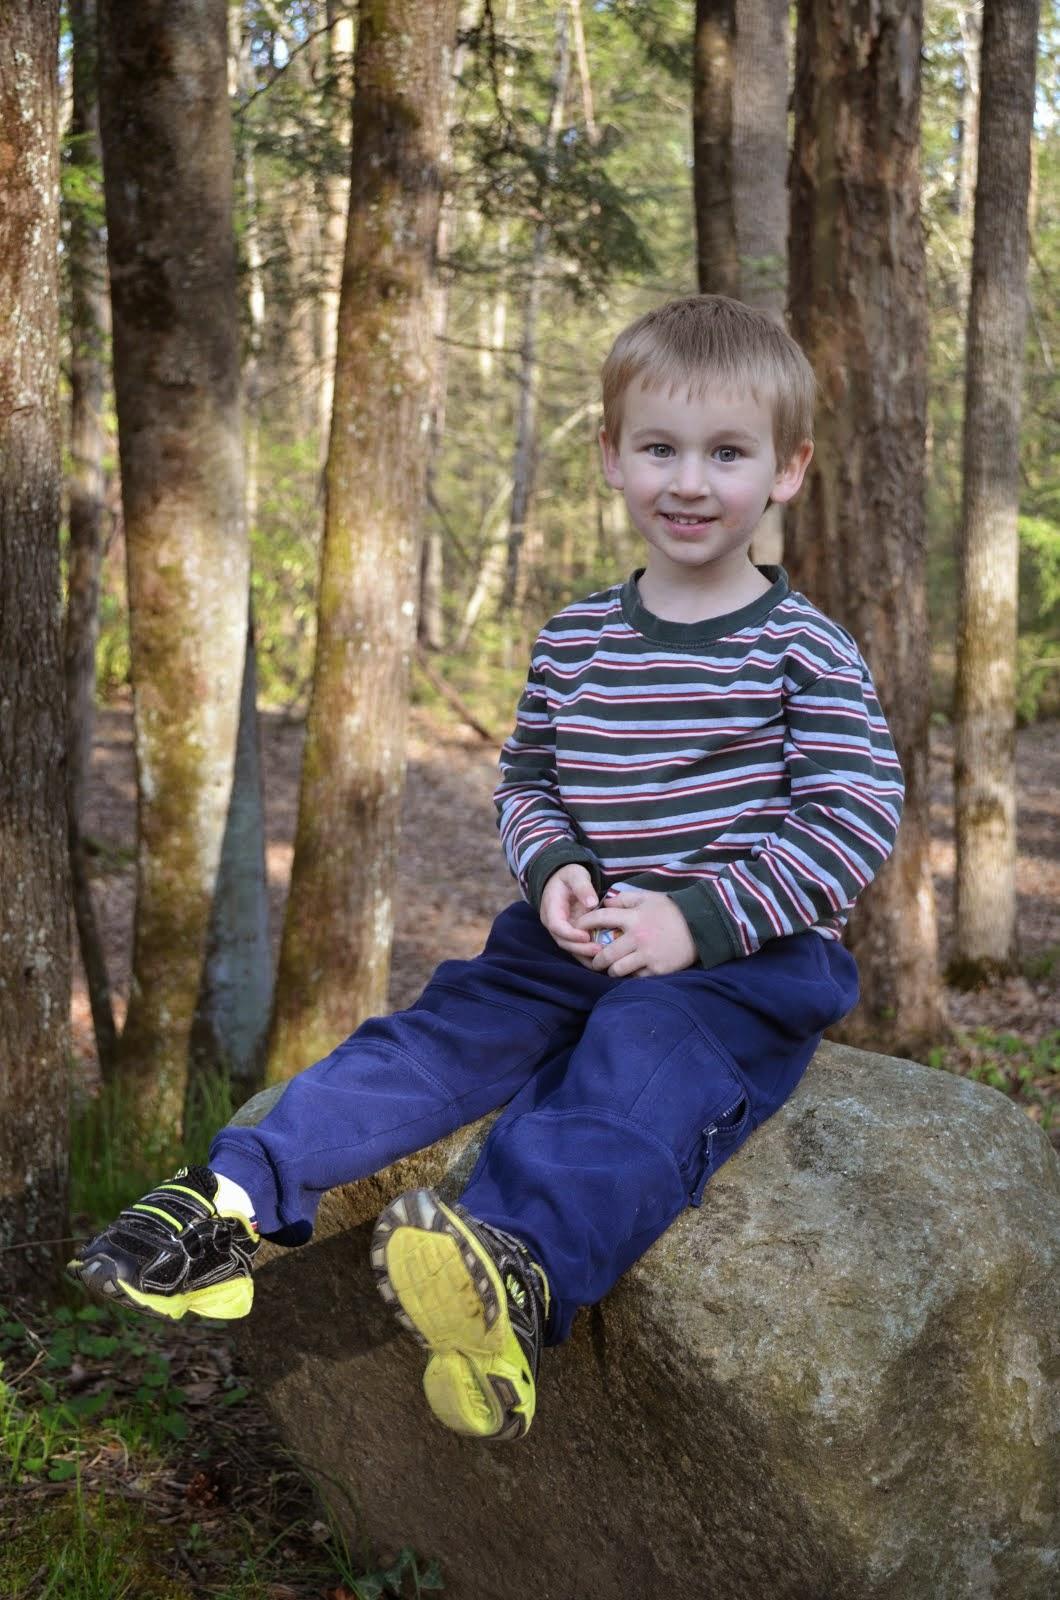 Sebastian - age 4